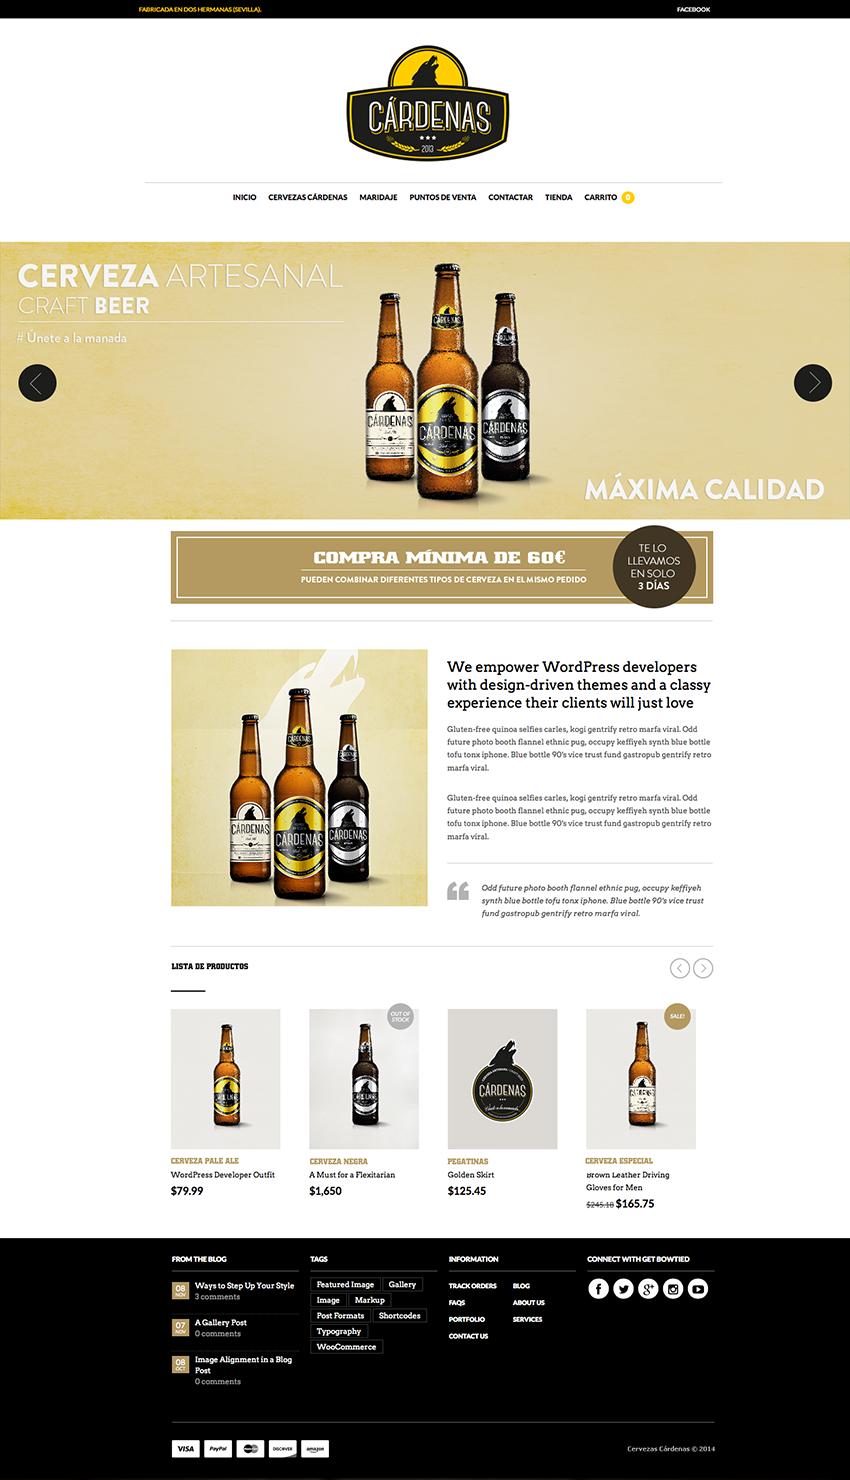 agencia de publicidad en sevilla, identidad corporativa, diseño web sevilla